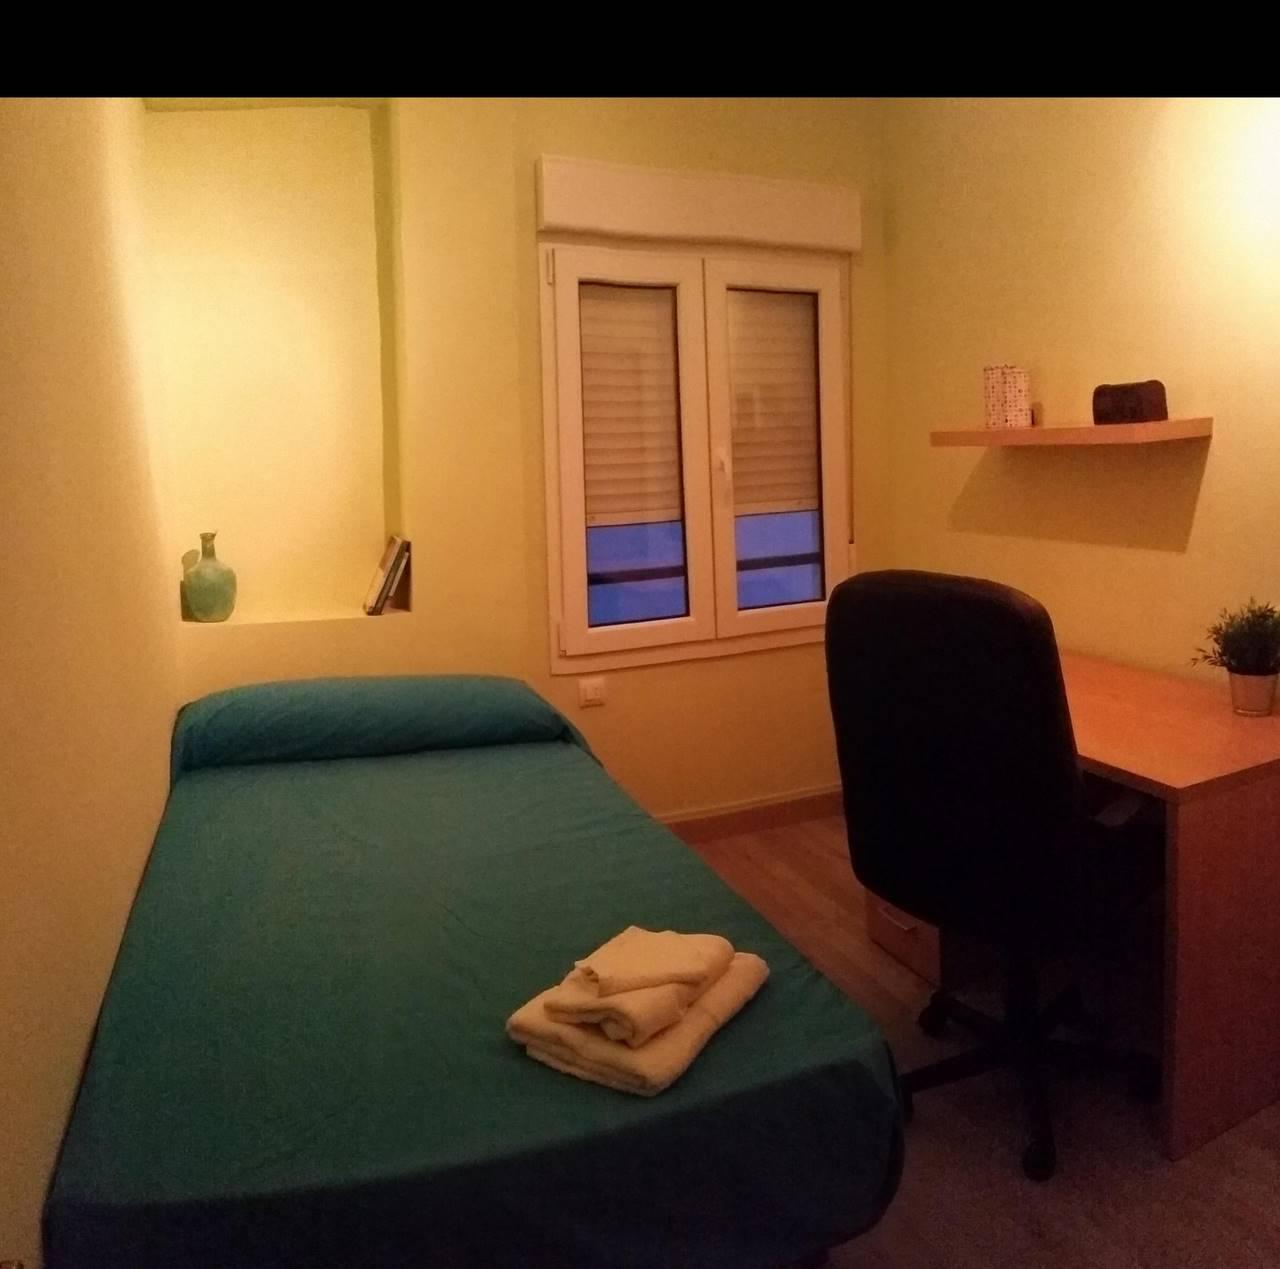 Apartamento para vacaciones Gijón, Asturias